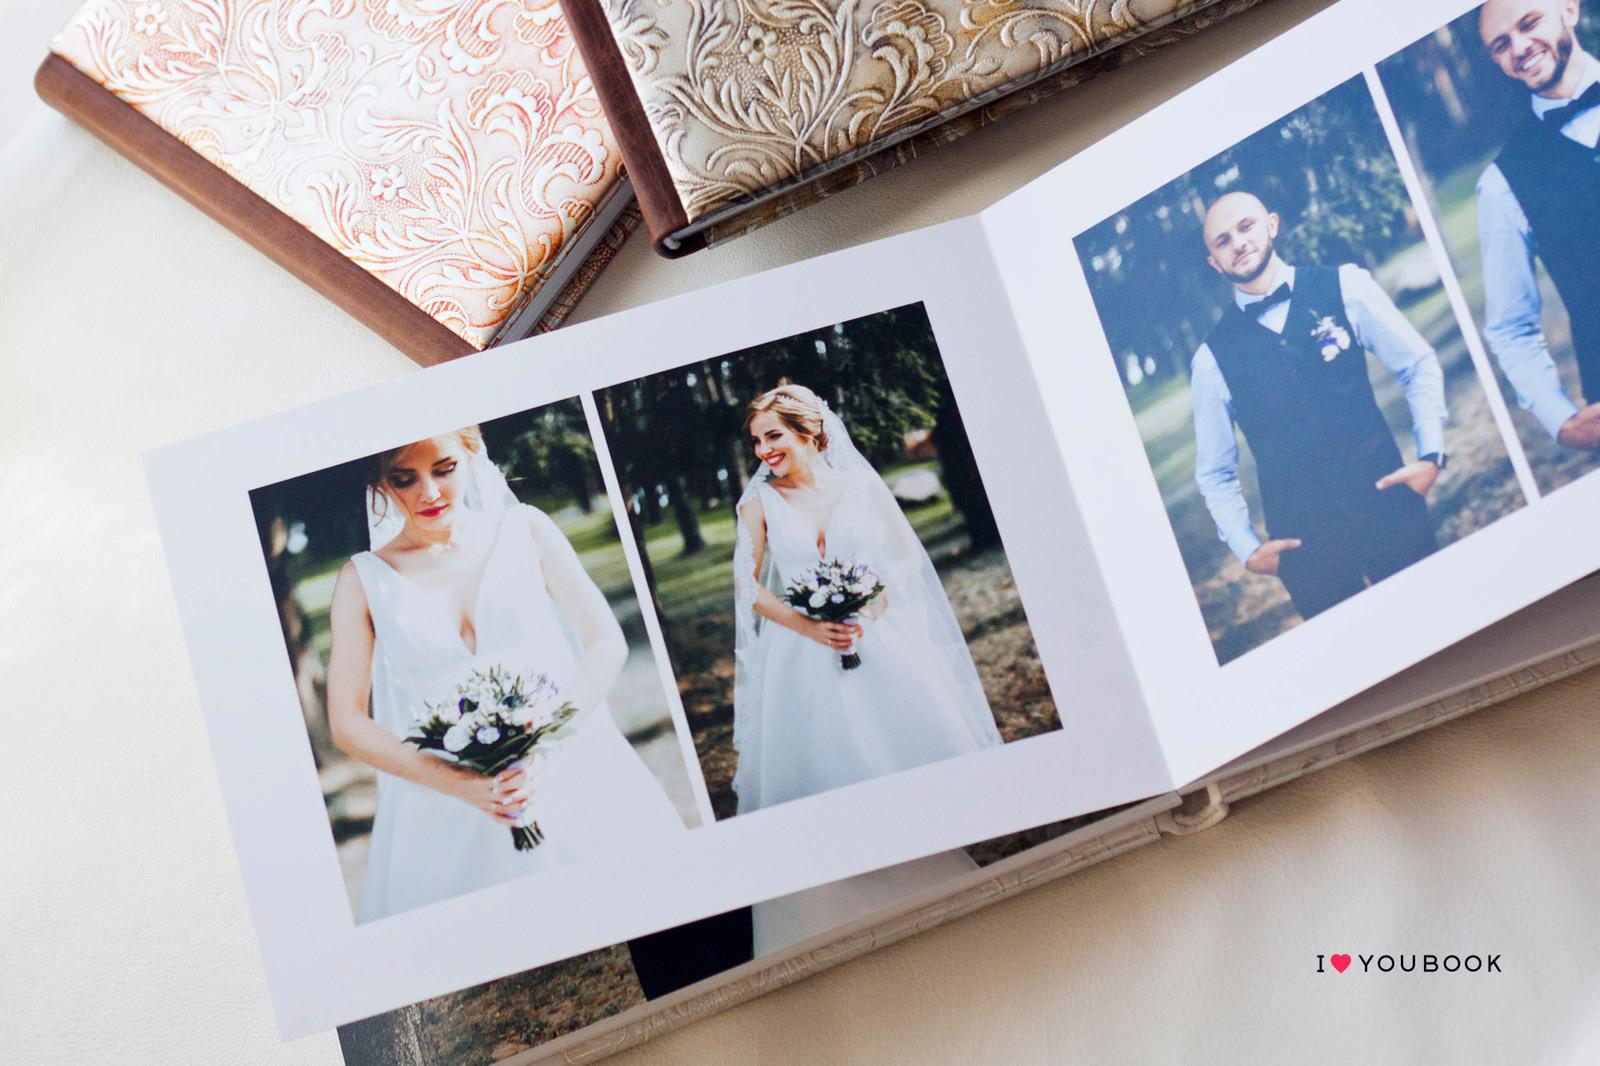 7 причин напечатать фотокнигу сразу после свадьбы